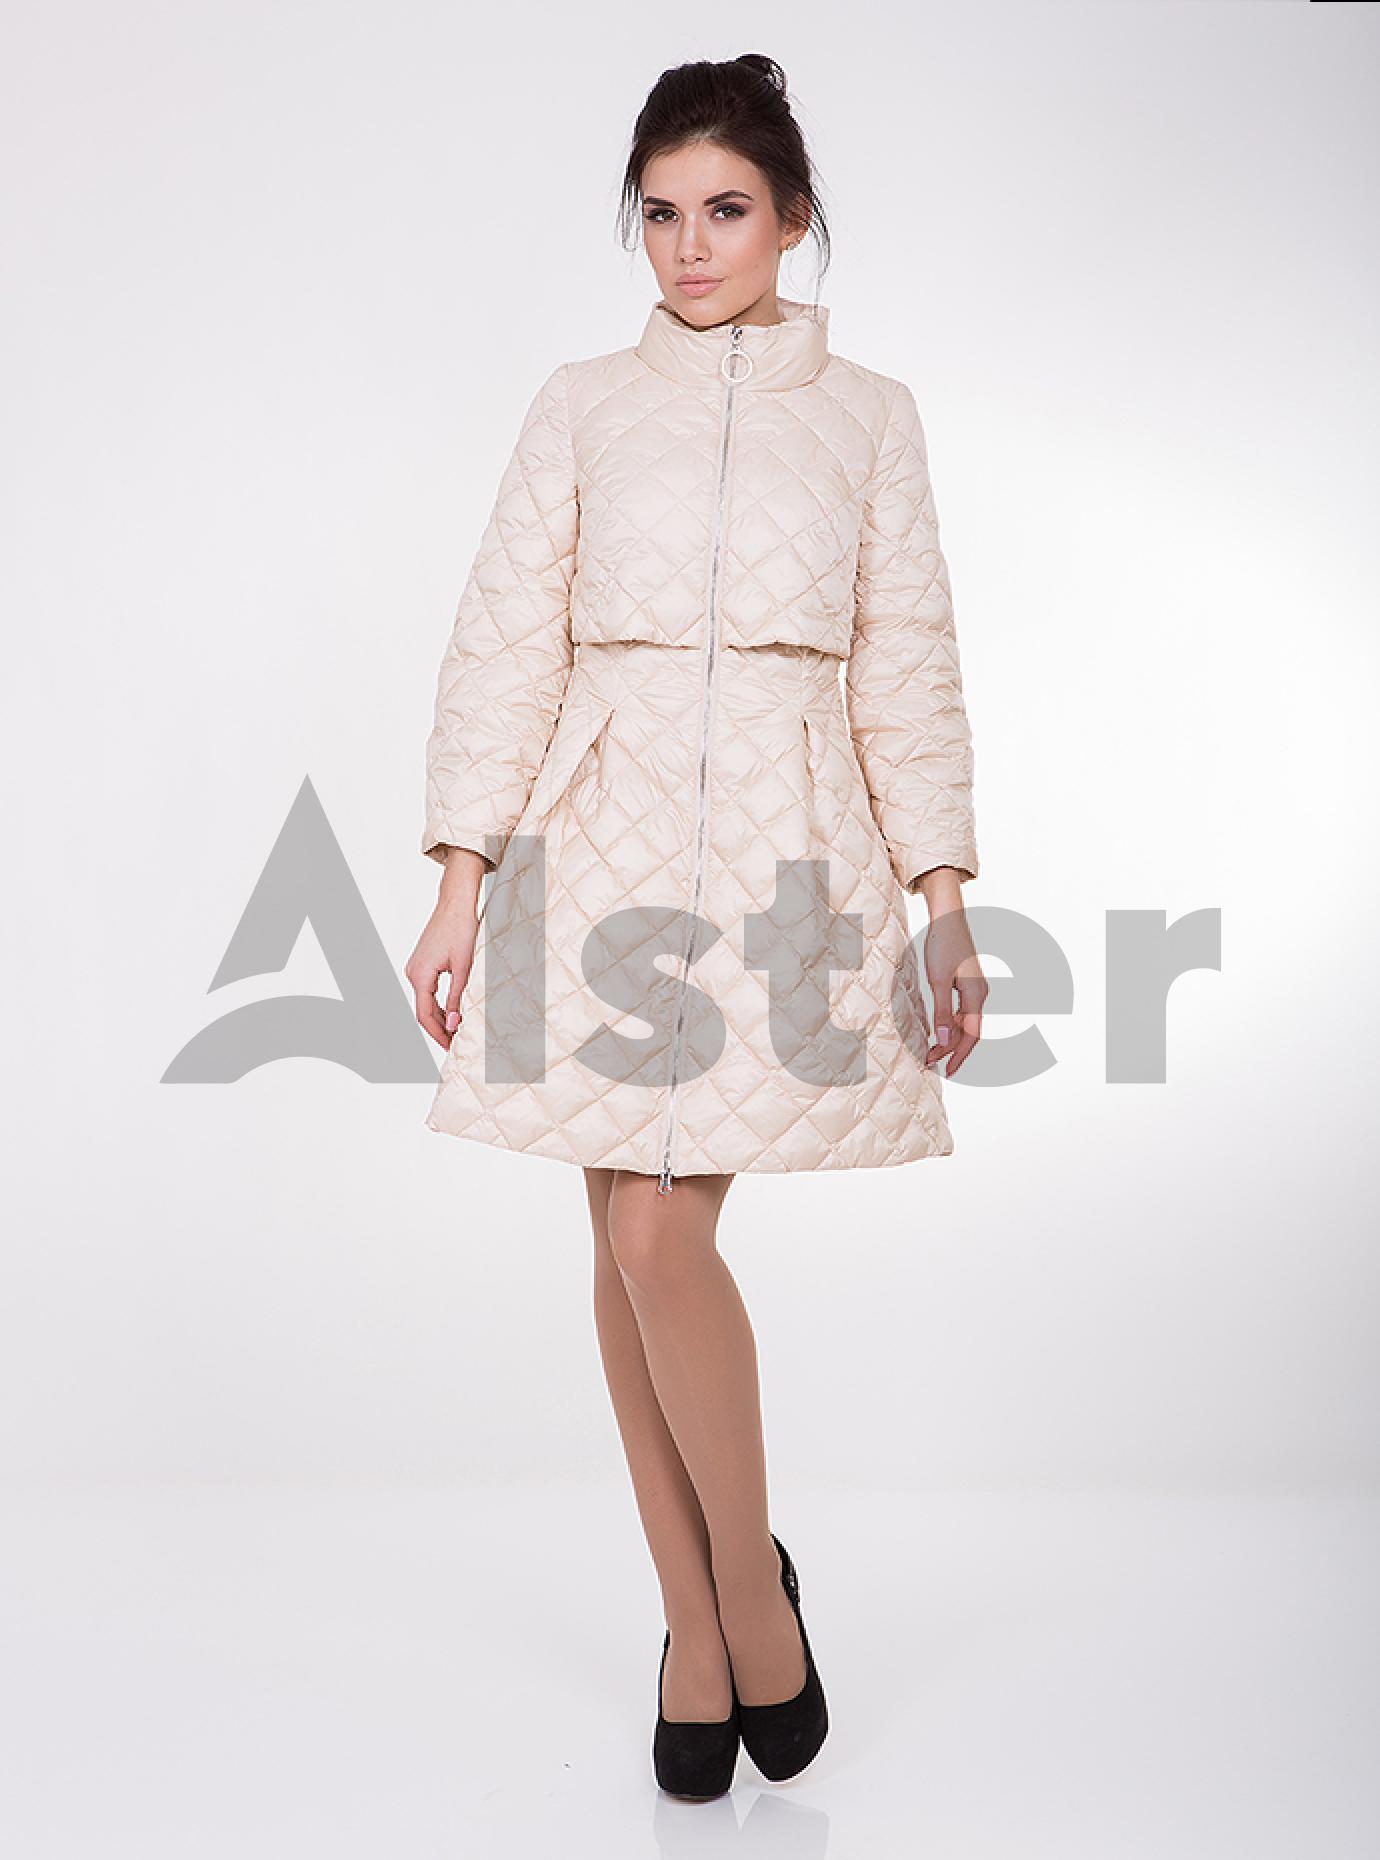 Куртка женская демисезонная на молнии Молочный XS (02-CD18102): фото - Alster.ua